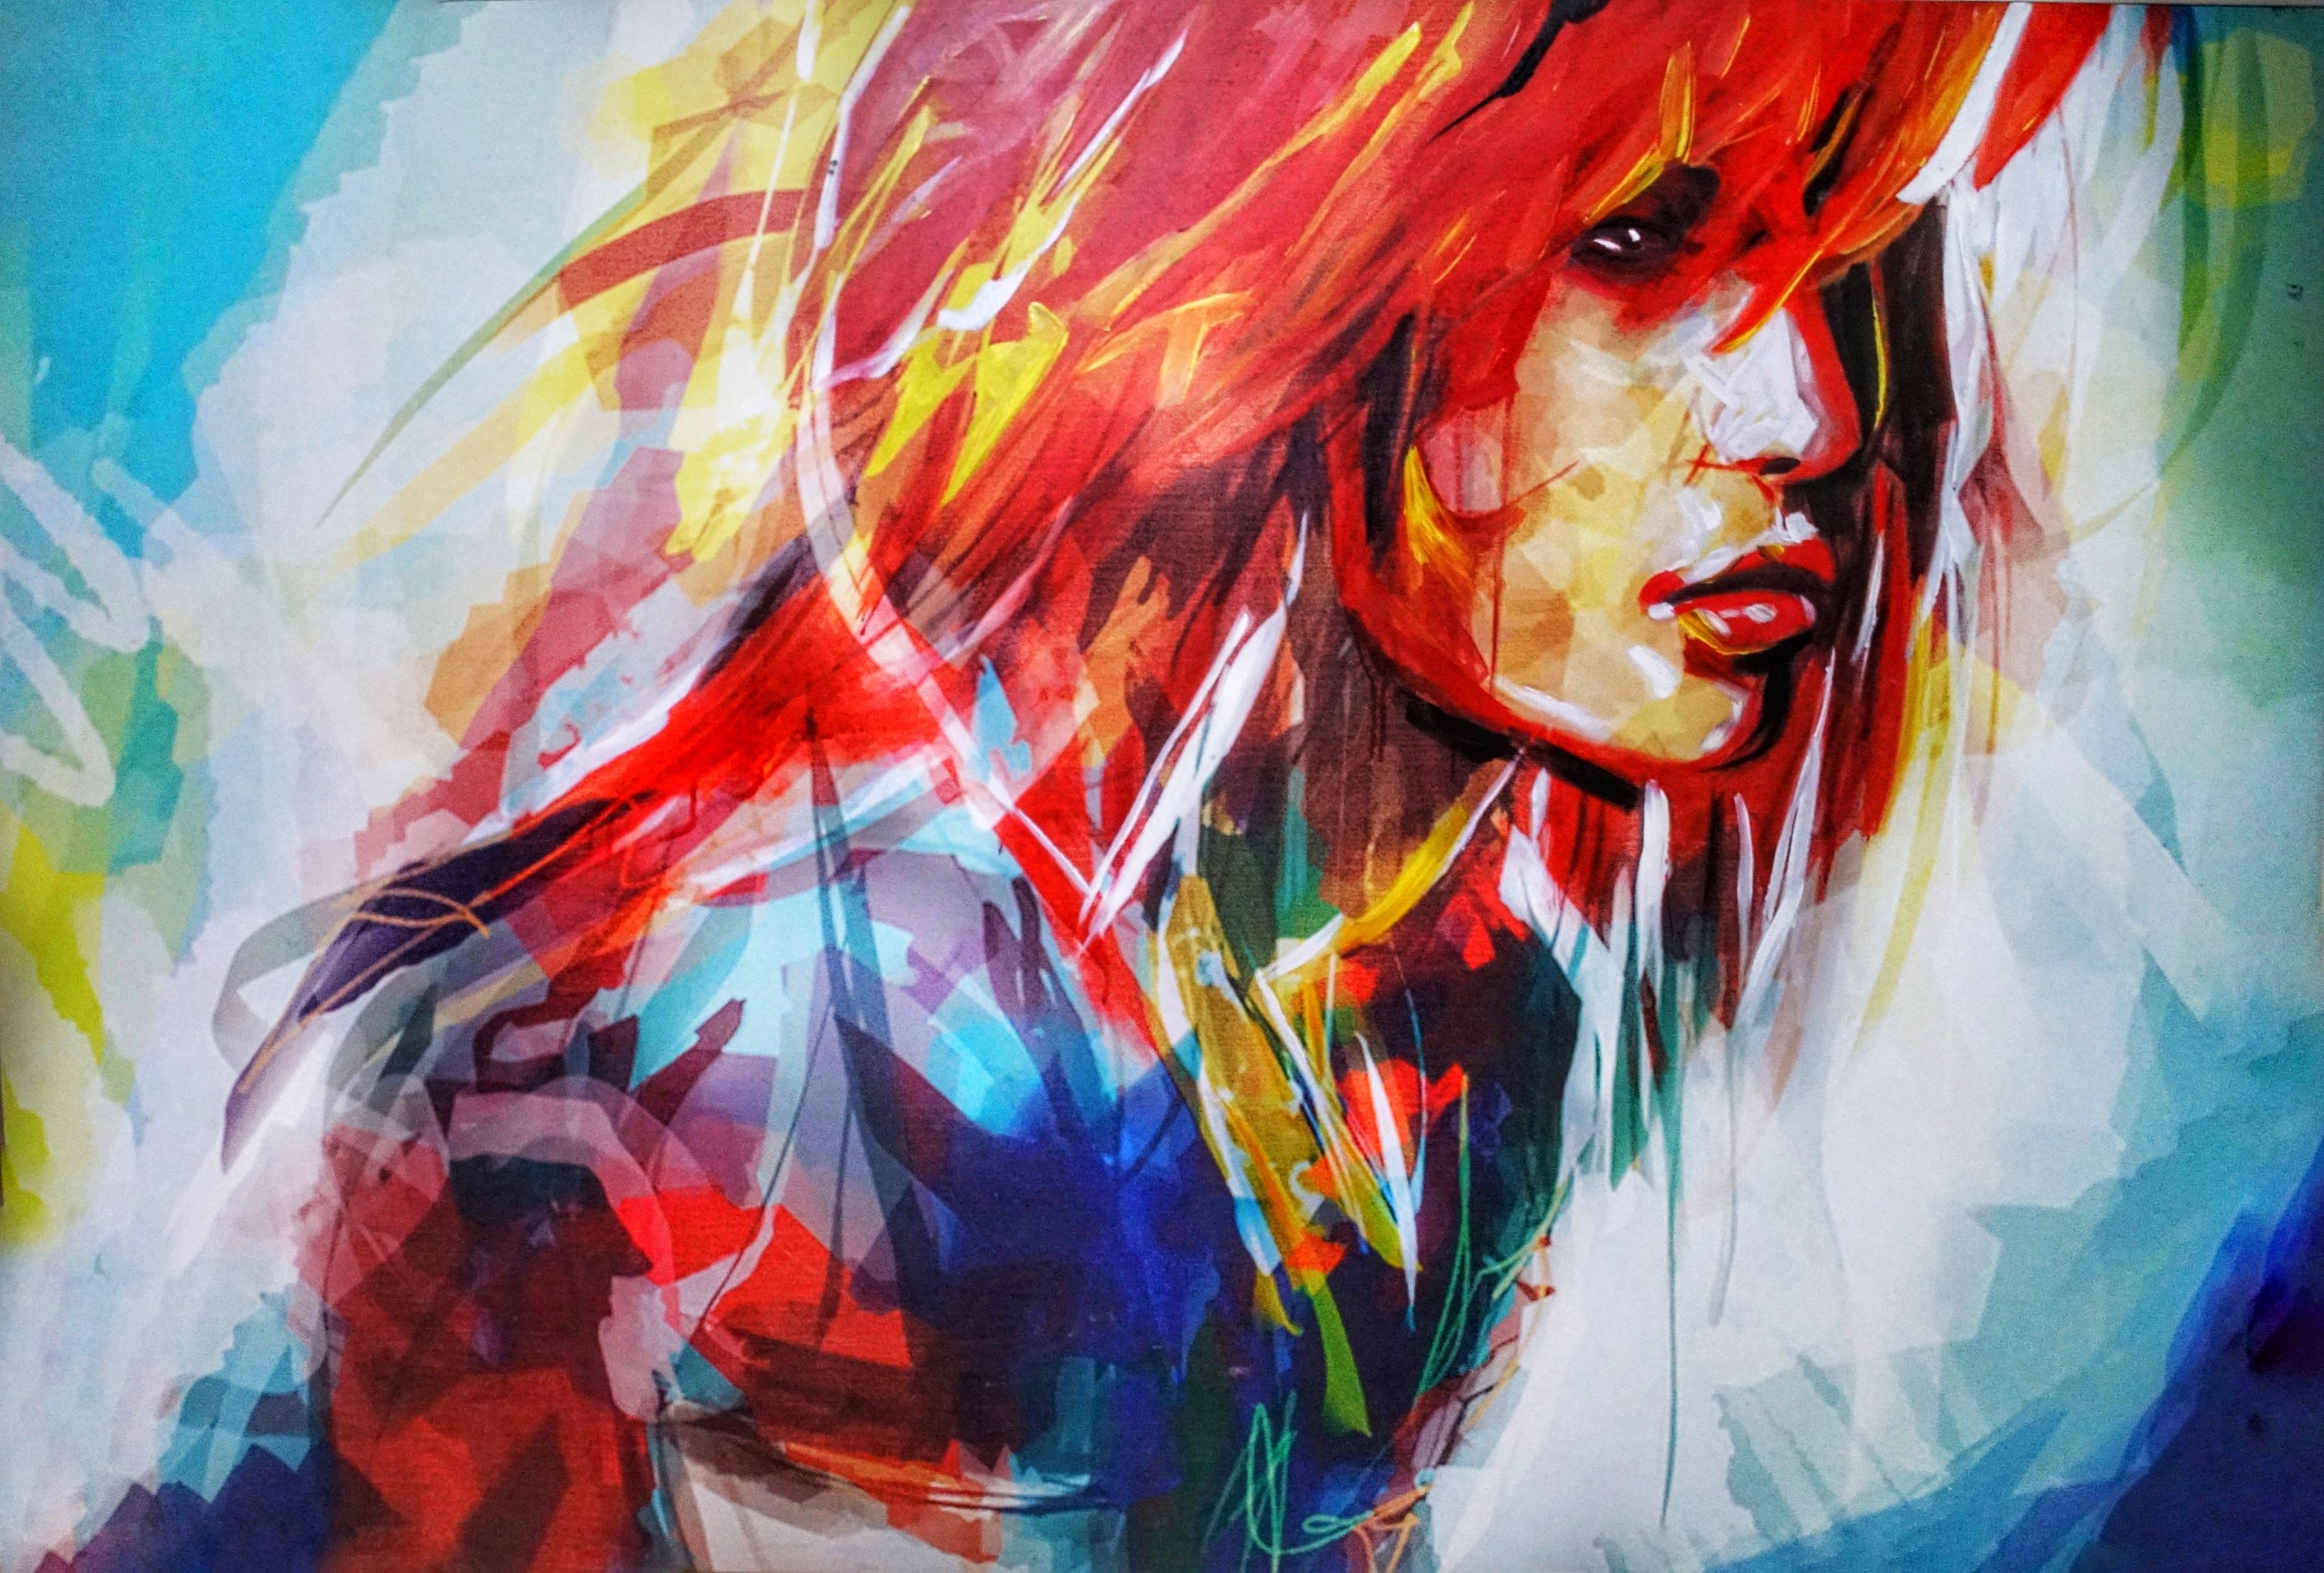 129749 papel de parede 720x1280 em seu telefone gratuitamente, baixe imagens Arte, Brilhante, Menina, Garota, Retrato, Cara, Rosto 720x1280 em seu celular